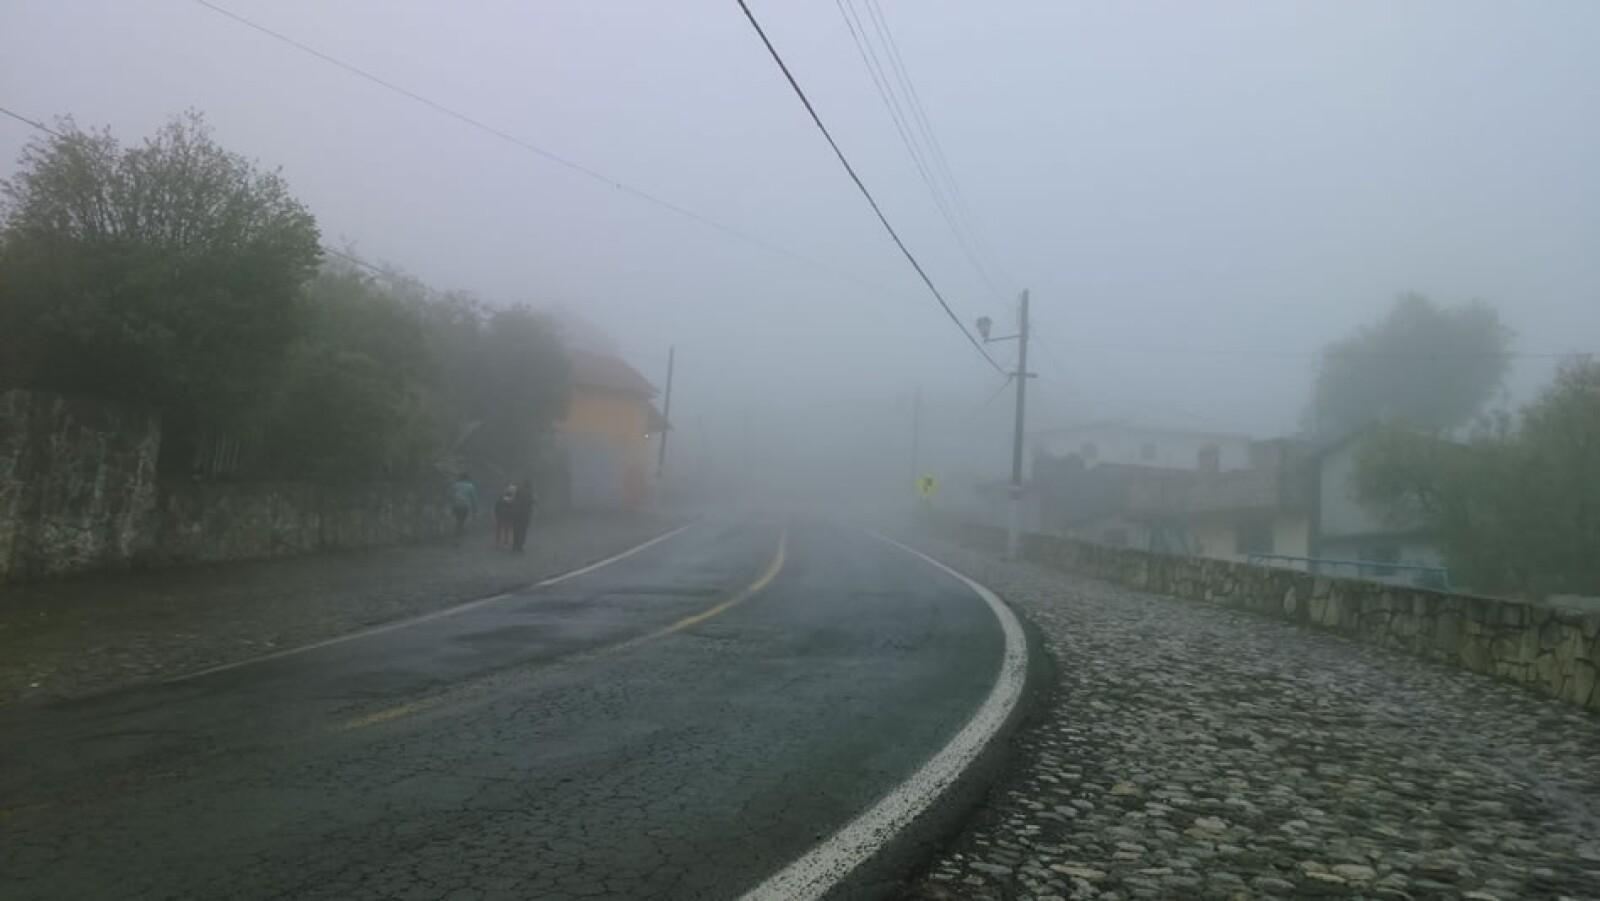 El clima provocó que en Real del Monte, Hidalgo, se viera una densa neblina